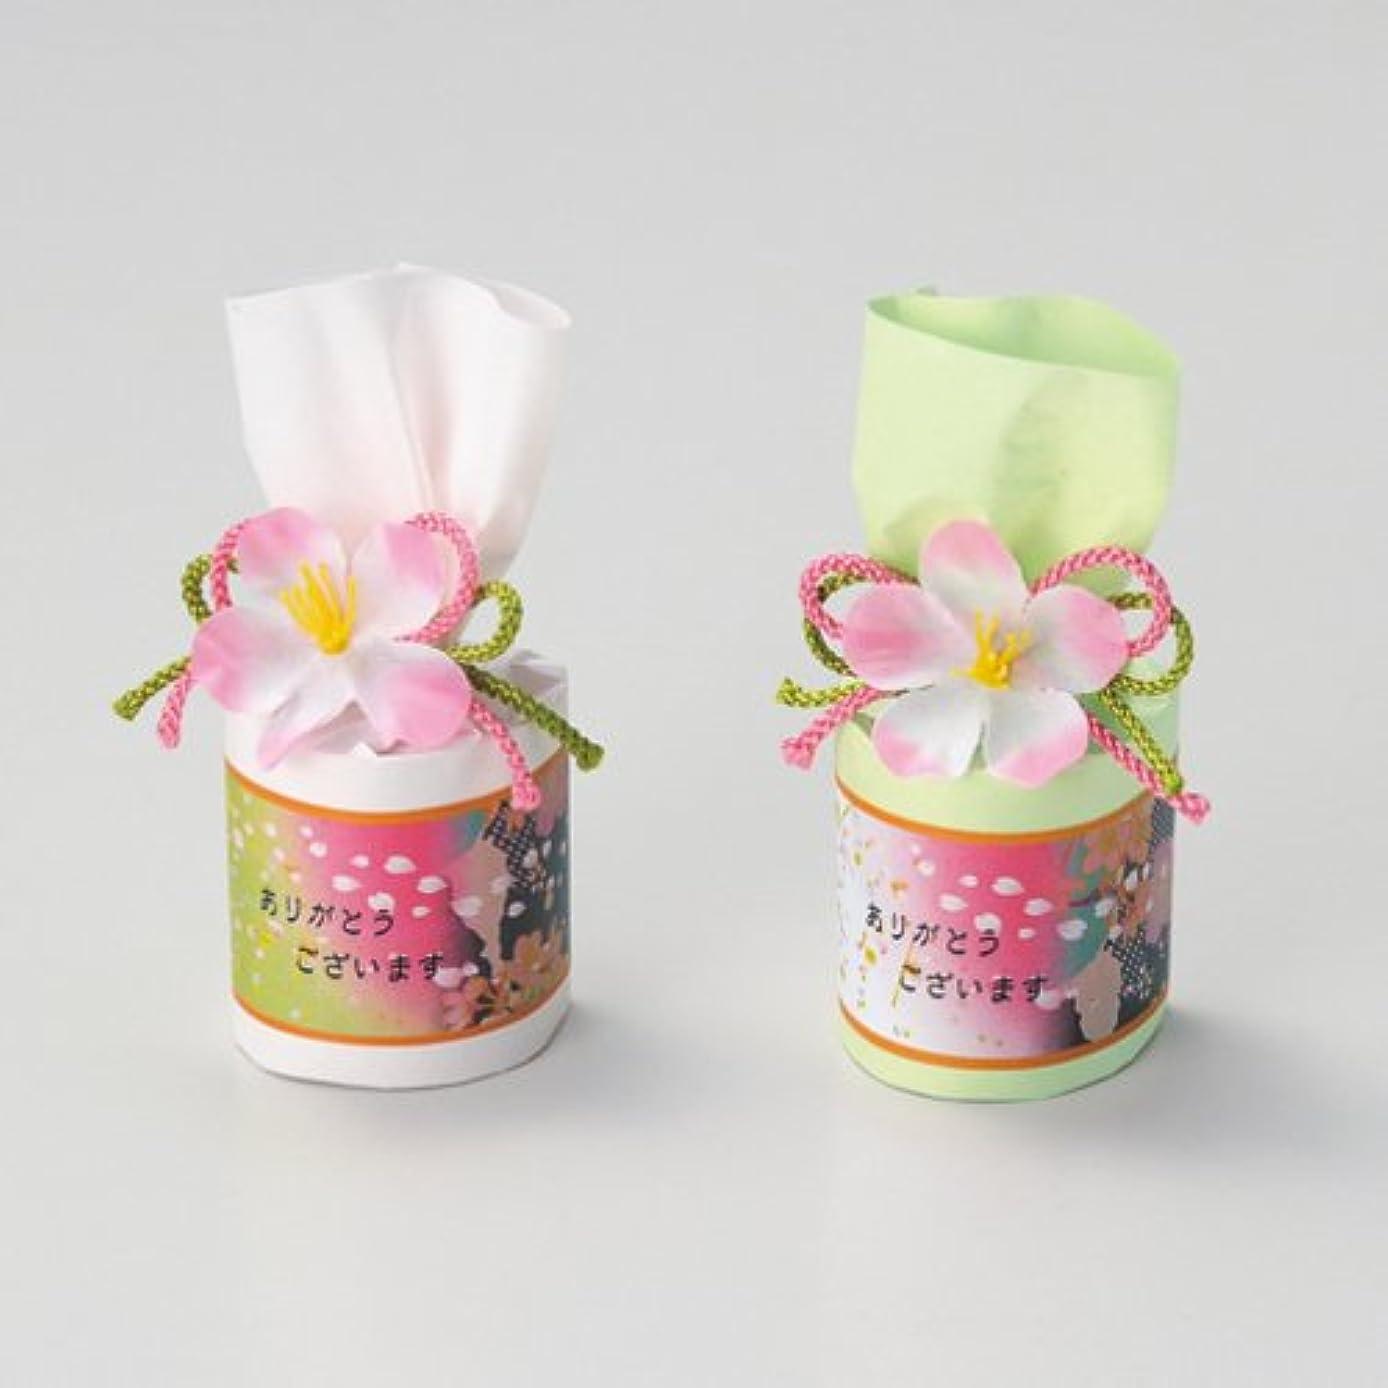 商人請求最大化するプチギフト 桜のたよりバスタイム (入浴剤)